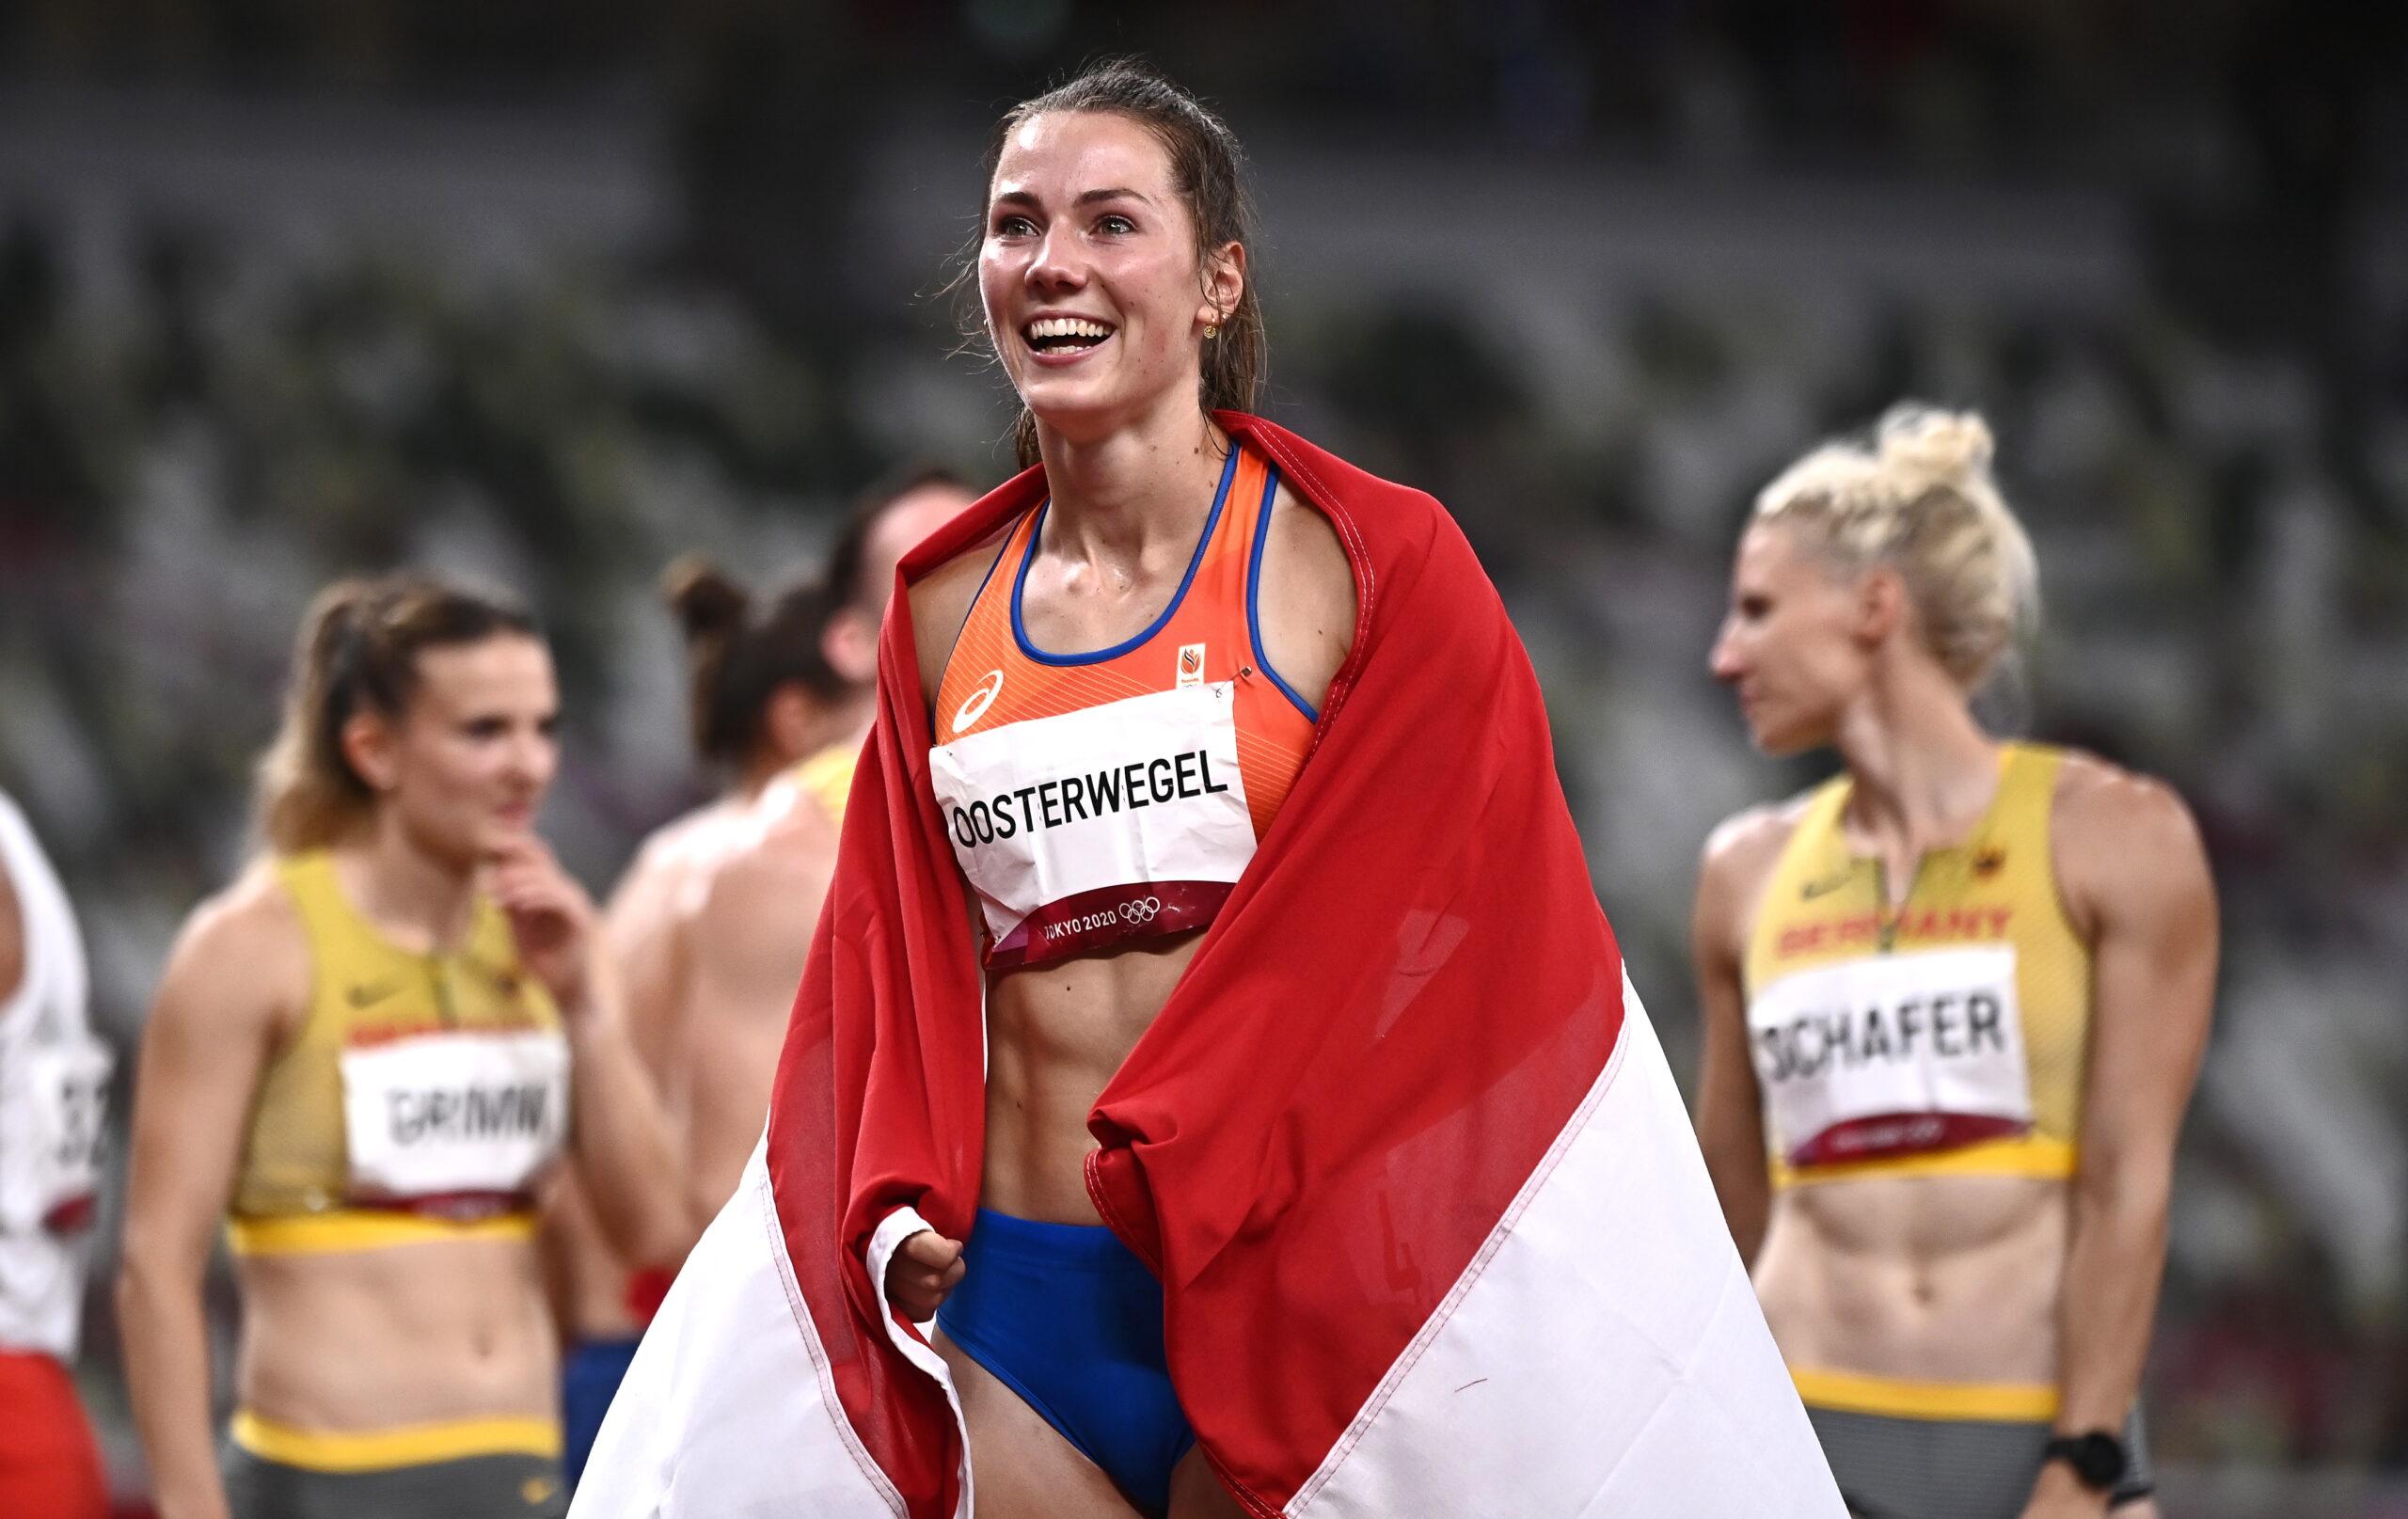 Emma Oosterwegel